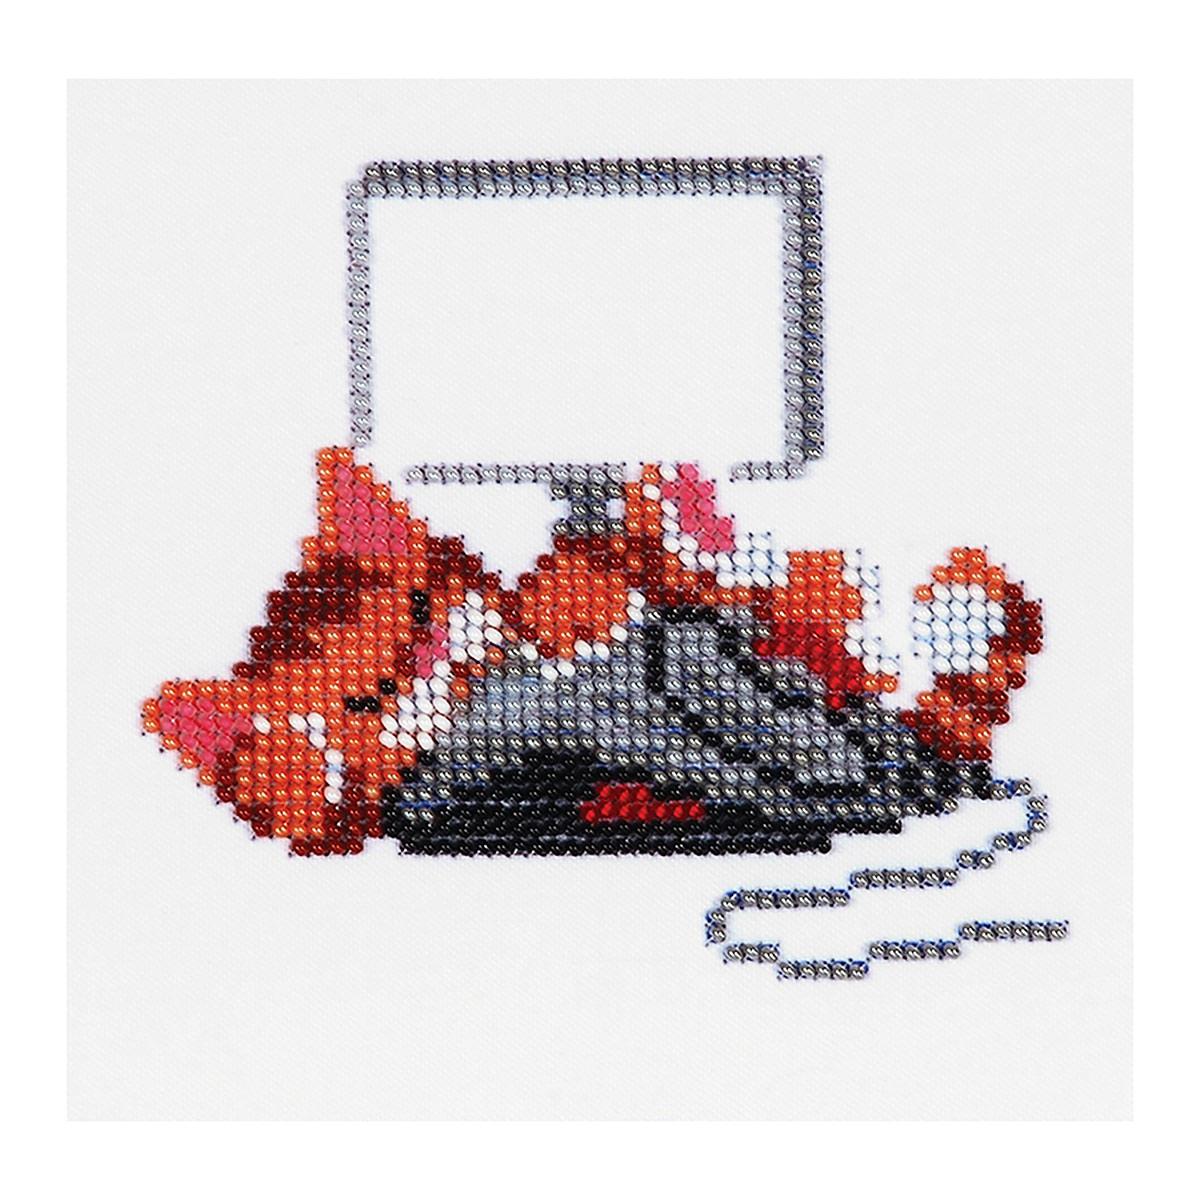 Б-0067 Набор для вышивания бисером 'Бисеринка' 'Кот с мышкой', 12*11 см